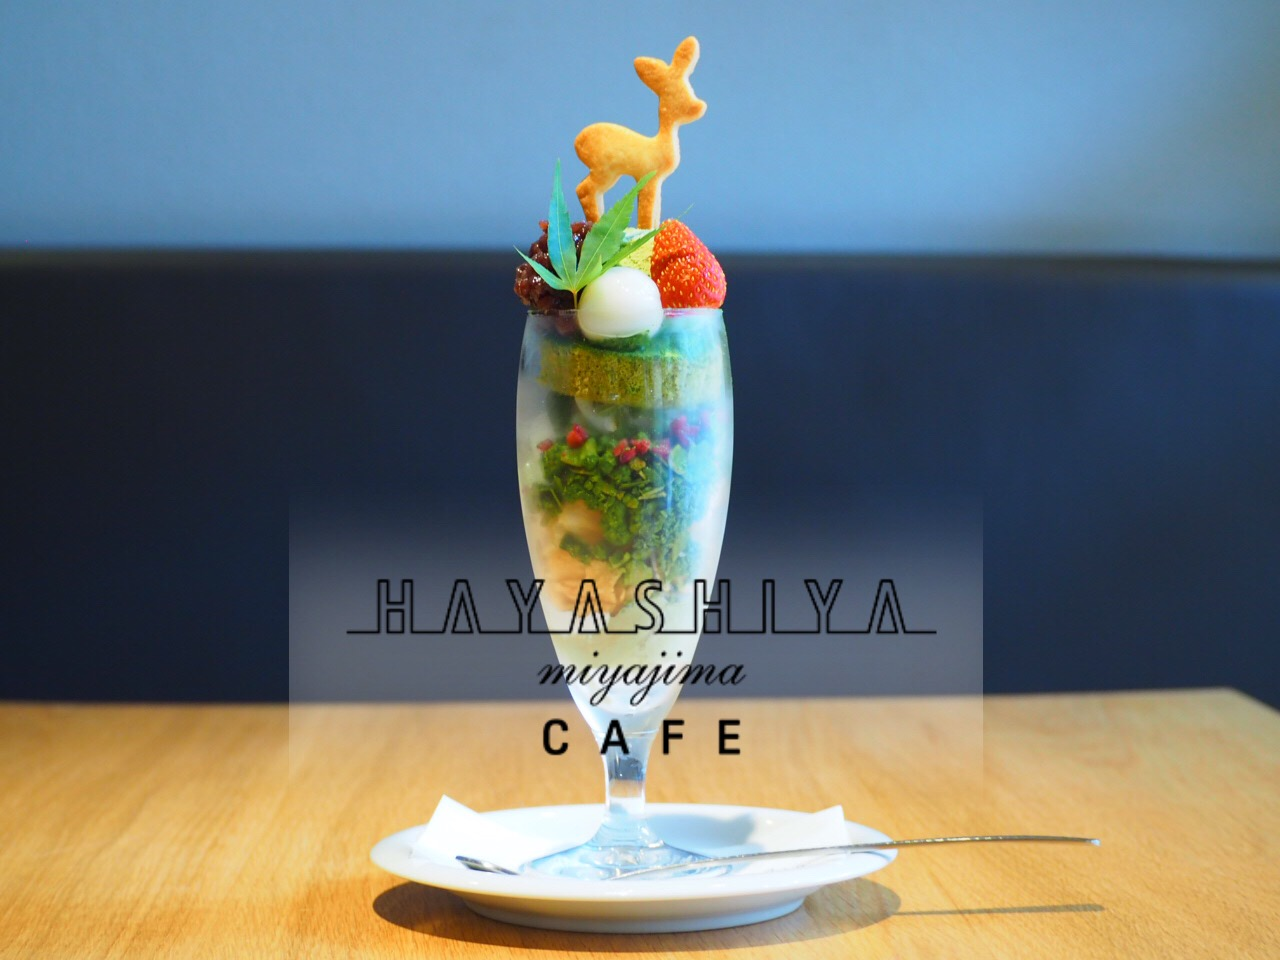 CAFE HAYASHIYA